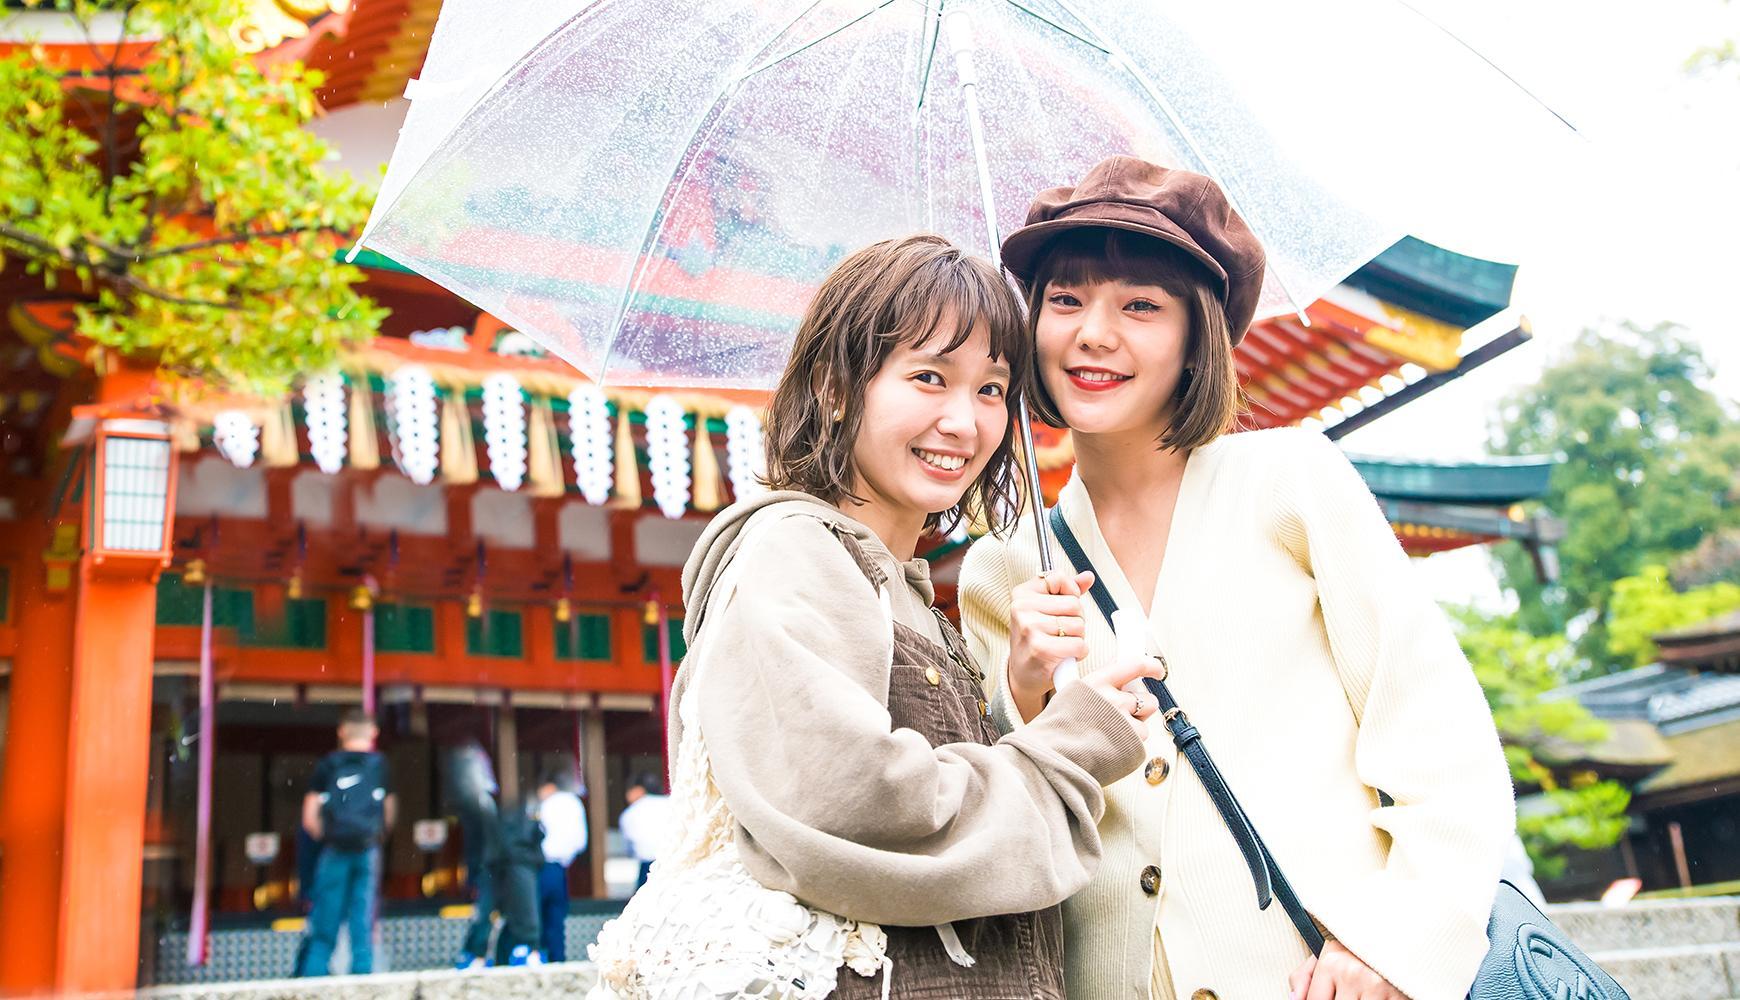 風情あふれる京都へ Loretta×旅行=Loretta旅(ロレッタビ)!